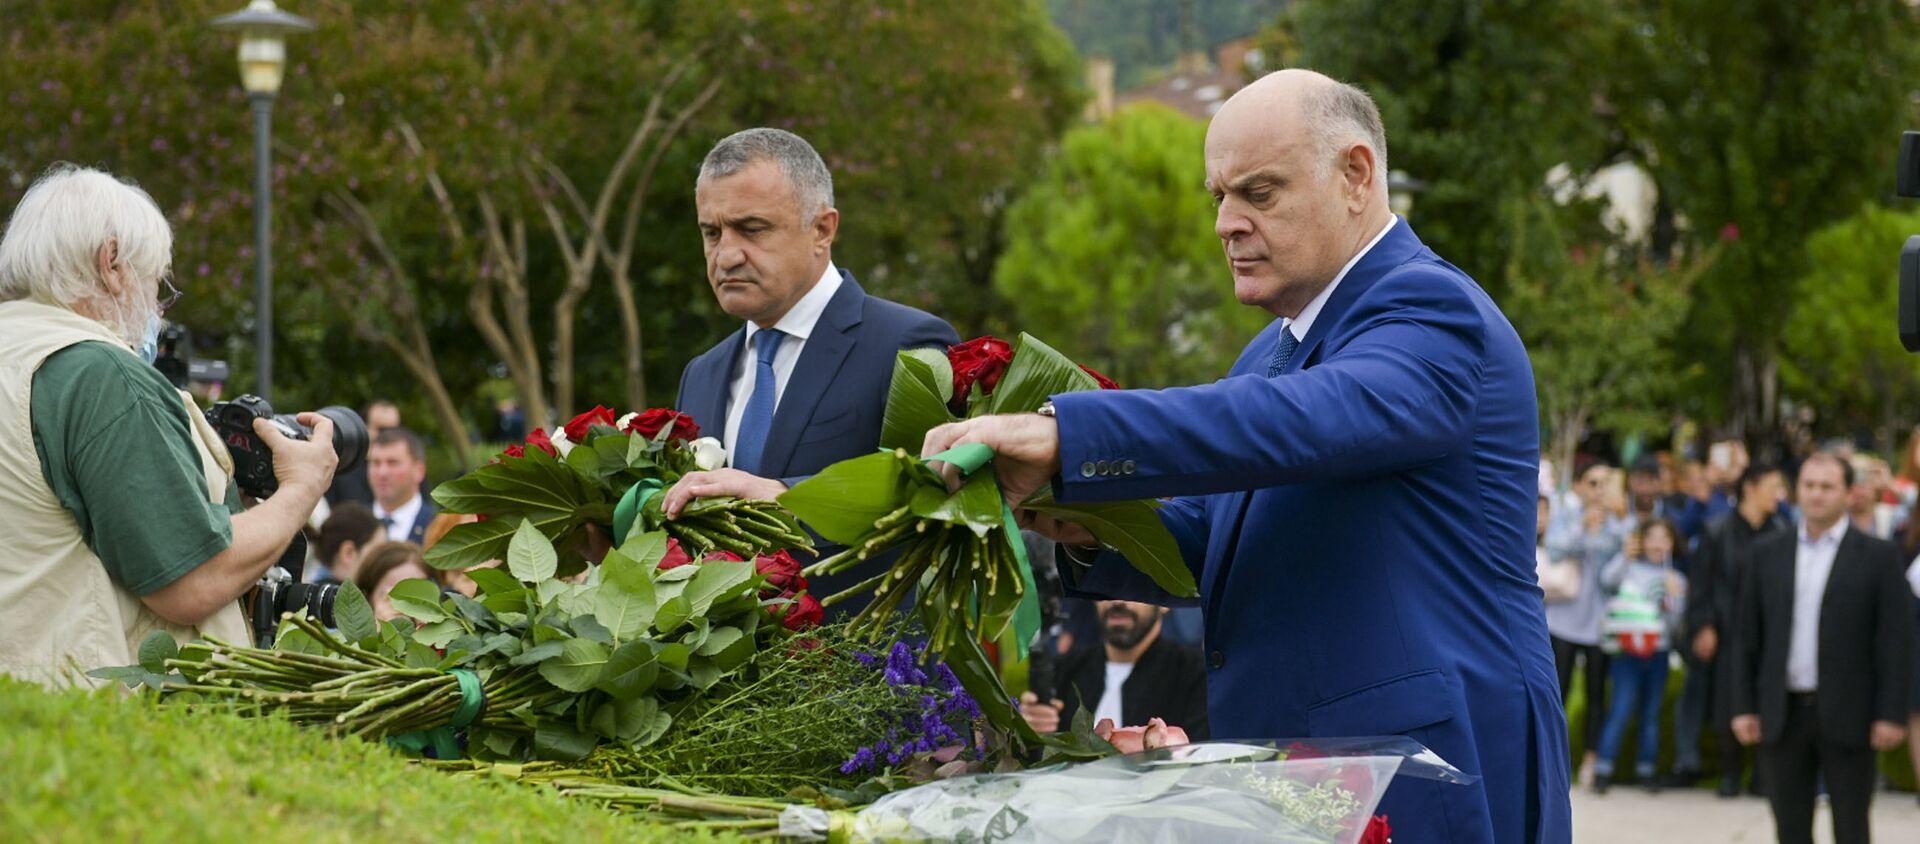 Аслан Бжания и Анатолий Бибилов возложили цветы к мемориалу в Парке Славы - Sputnik Абхазия, 1920, 30.09.2021